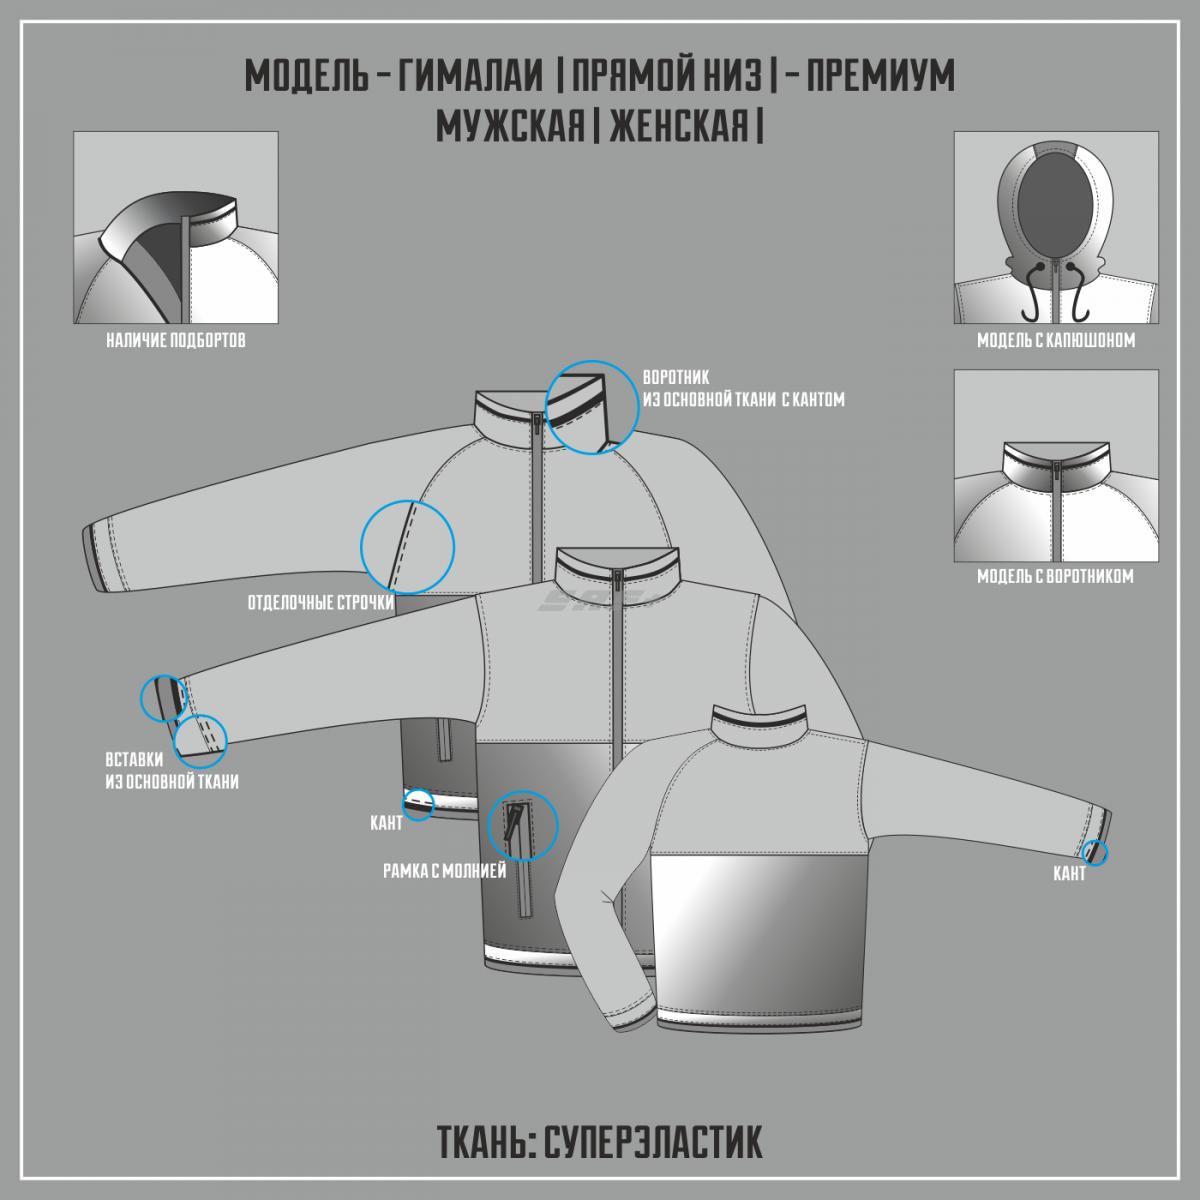 ГИМАЛАИ-СУПЕРЭЛАСТИК ПРЕМИУМ куртка прямой низ(Частичная сублимация)